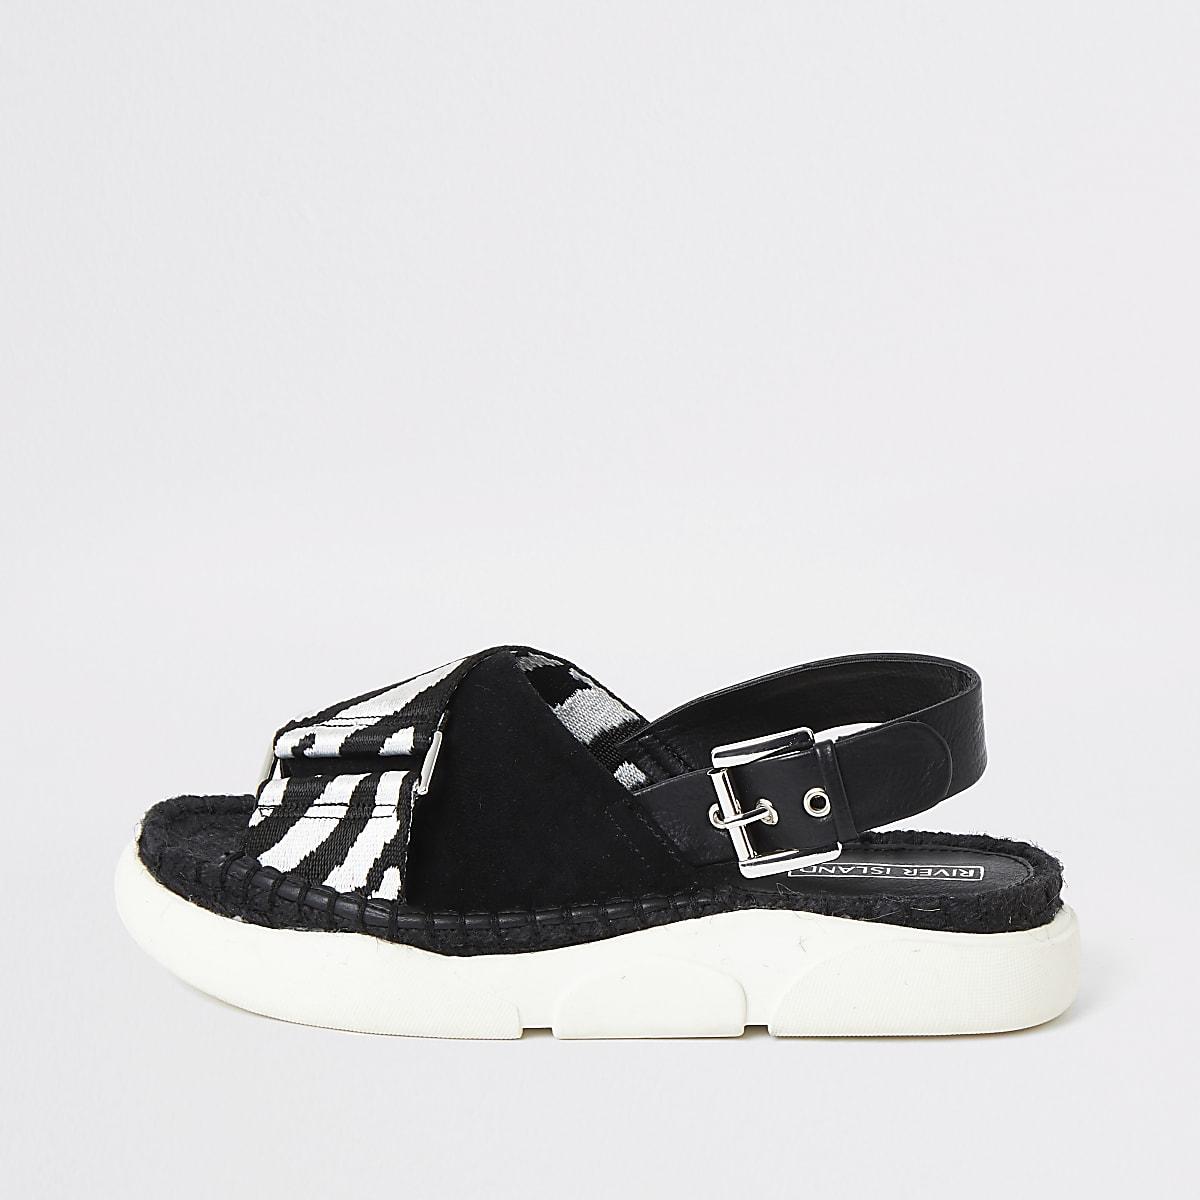 Zwart-witte flatform slippers met print en dikke zool